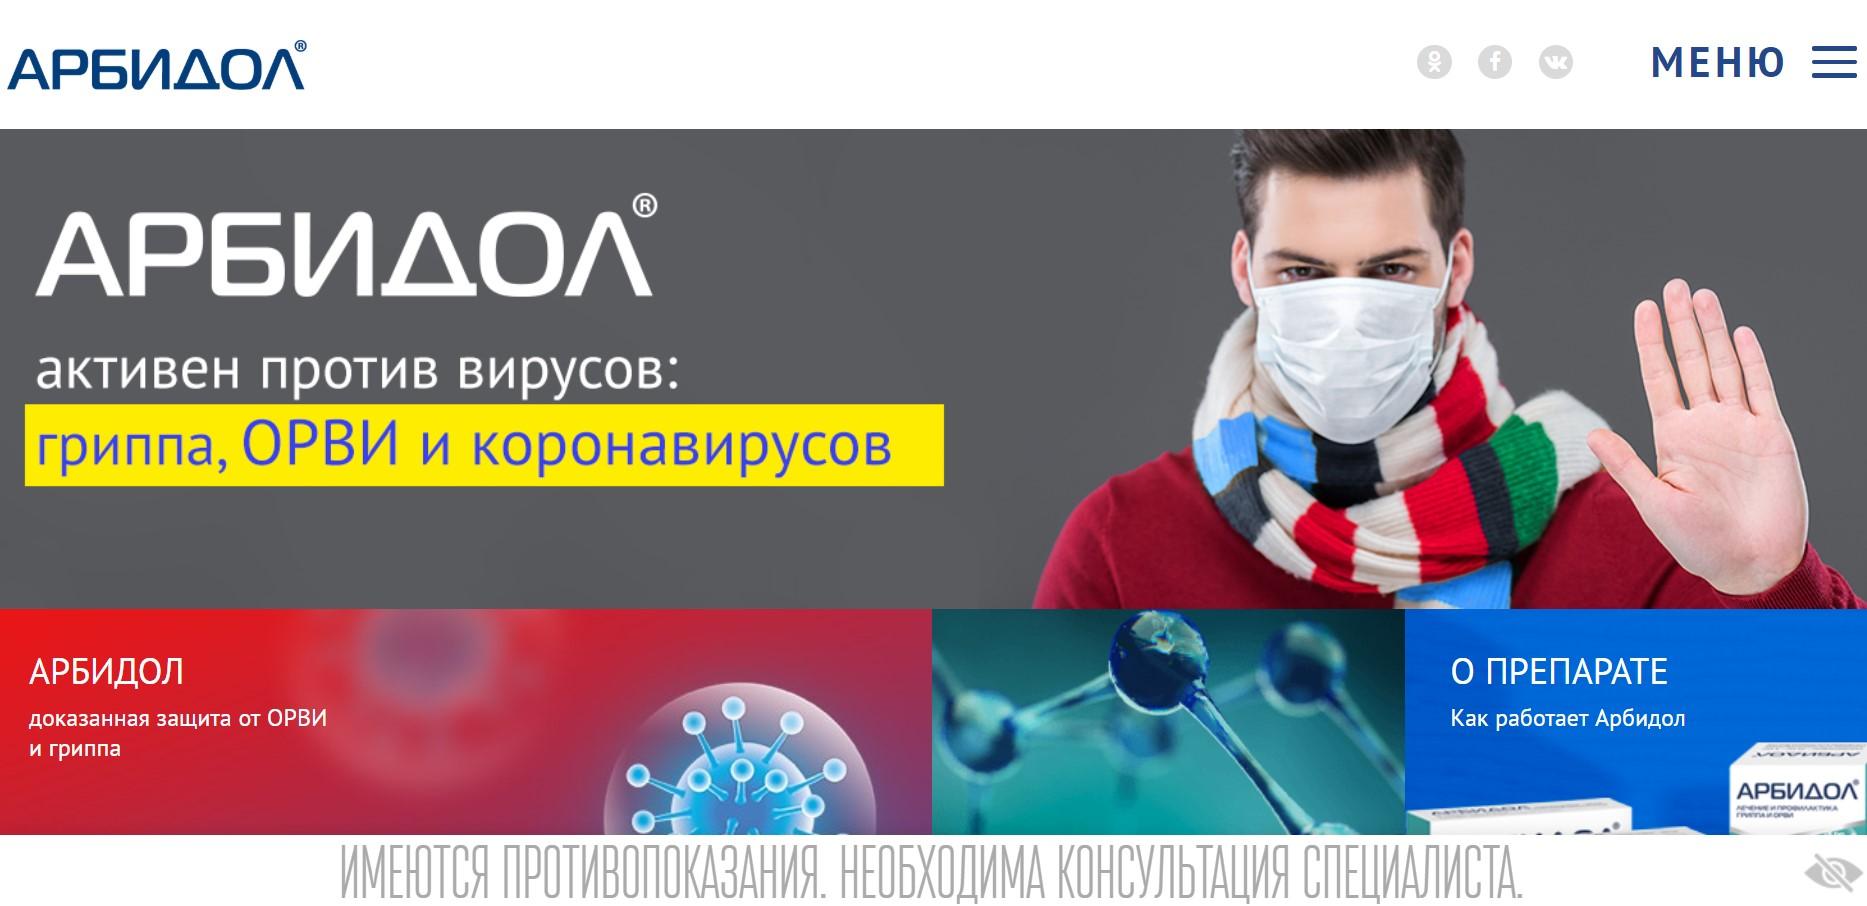 арбидол при коронавирусе